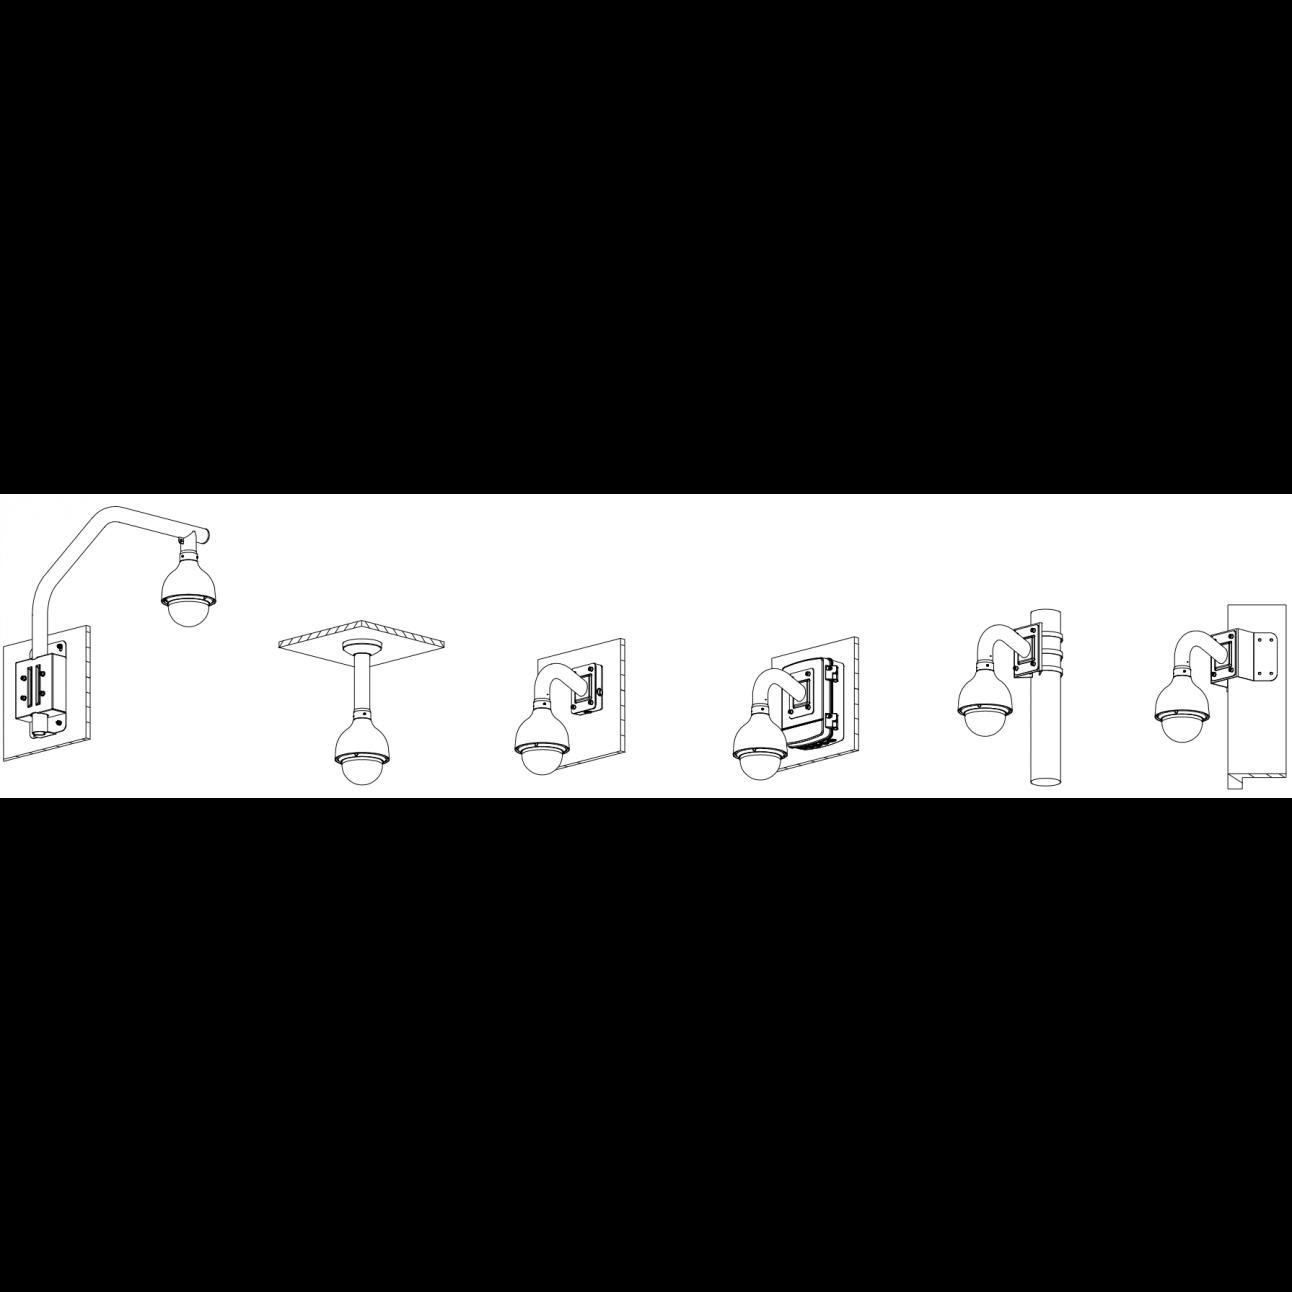 IP камера Dahua DH-SD50230T-HN скоростная купольная поворотная EcoSavy 2 2Мп с 30x оптическим увеличением ,PoE+ (б/у, после СЦ)